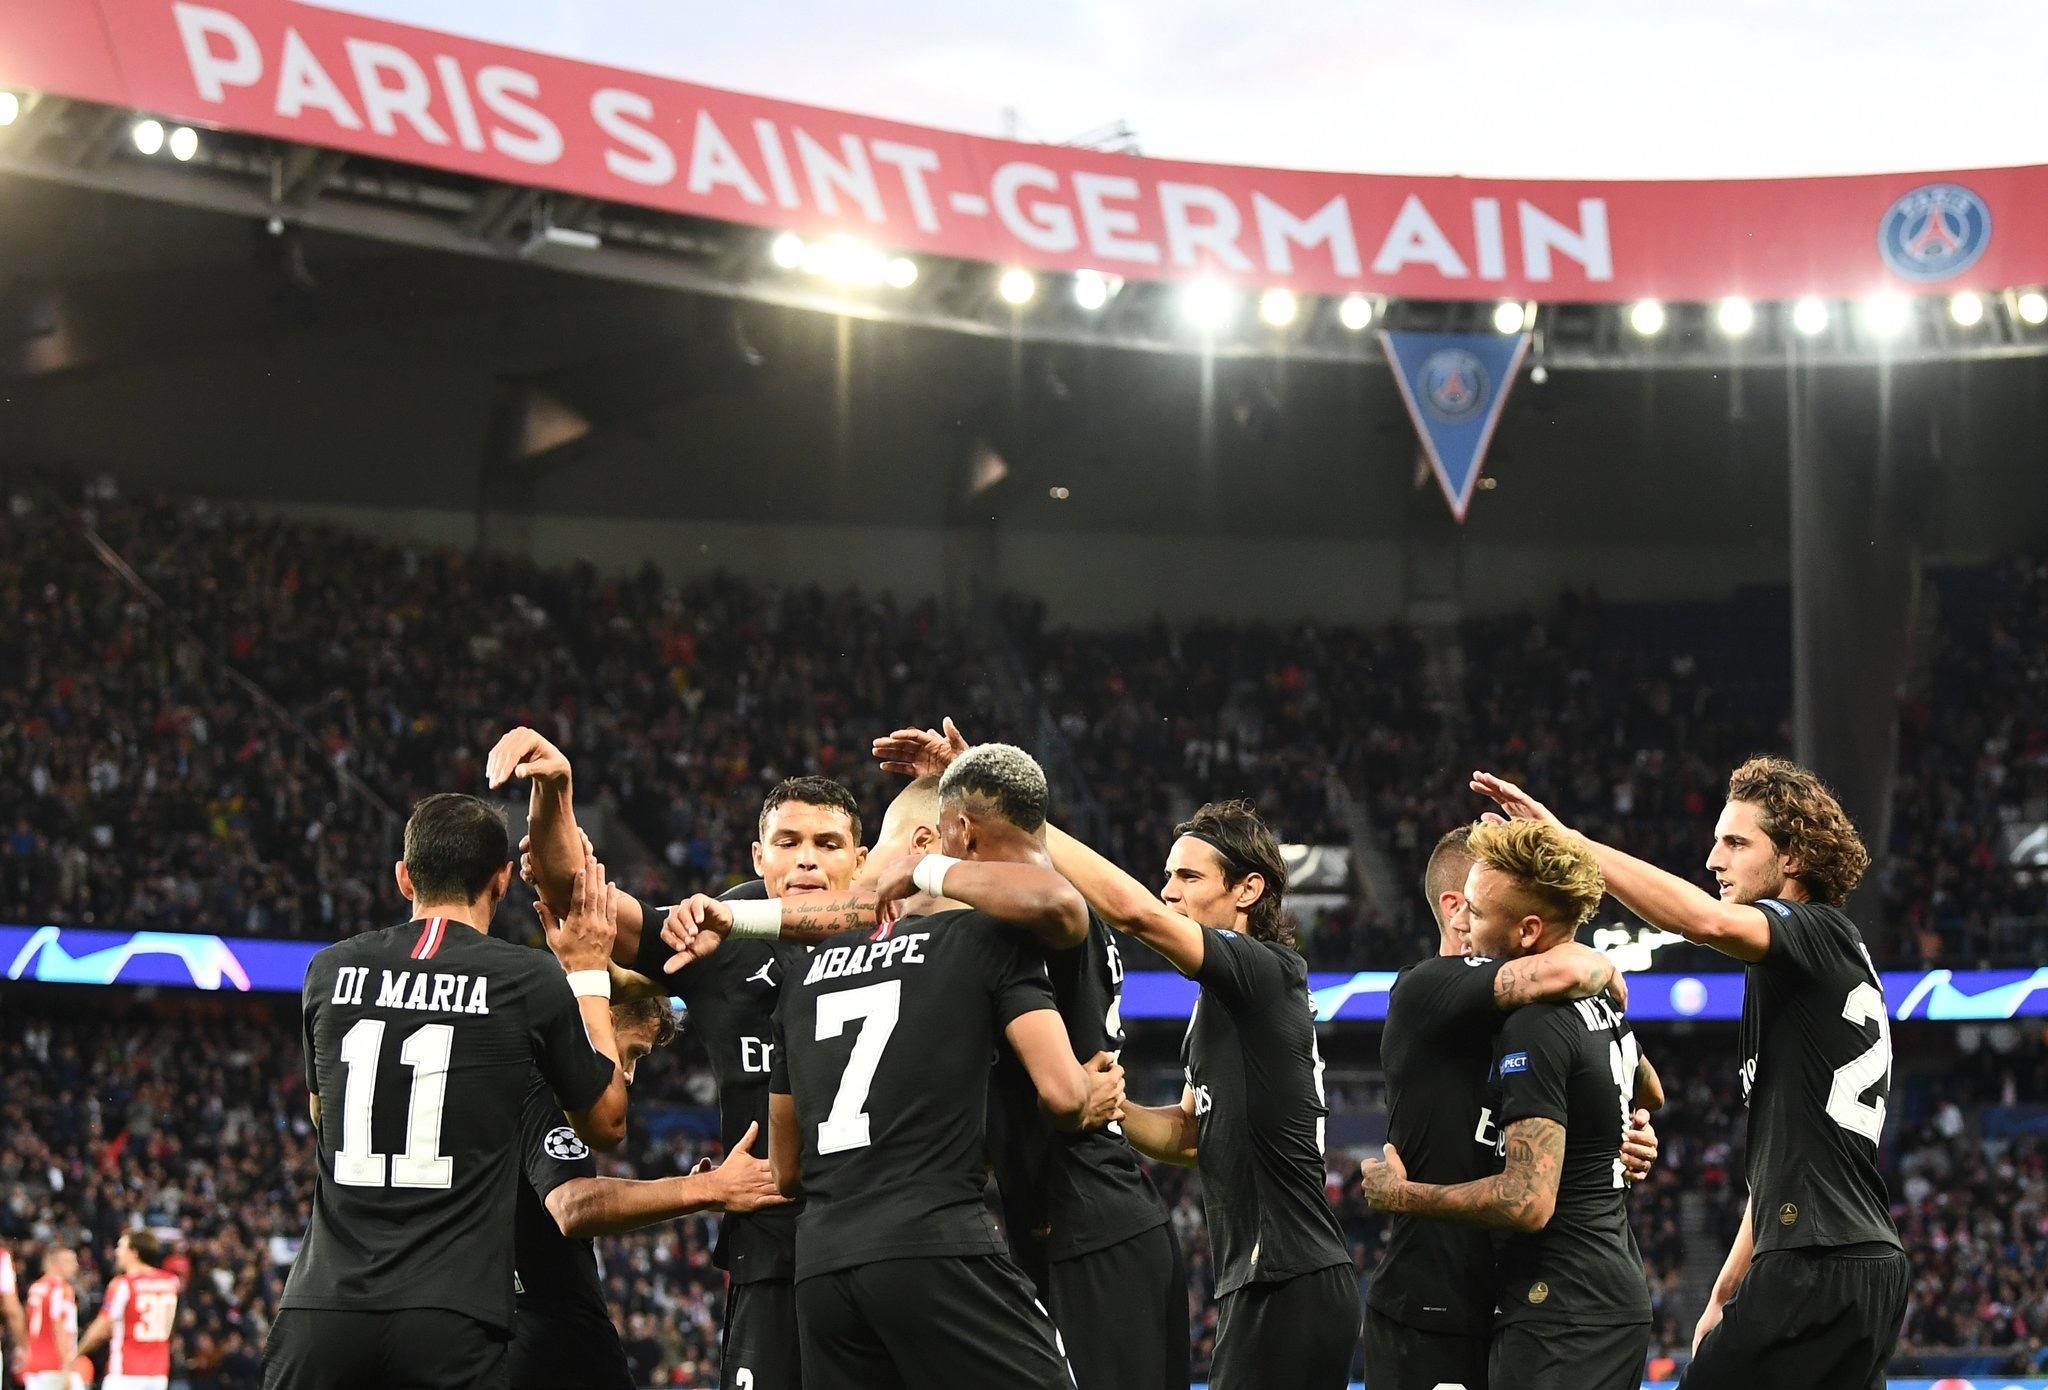 恐怖!大巴黎45分钟打垮前欧冠冠军 争冠大戏算它一个